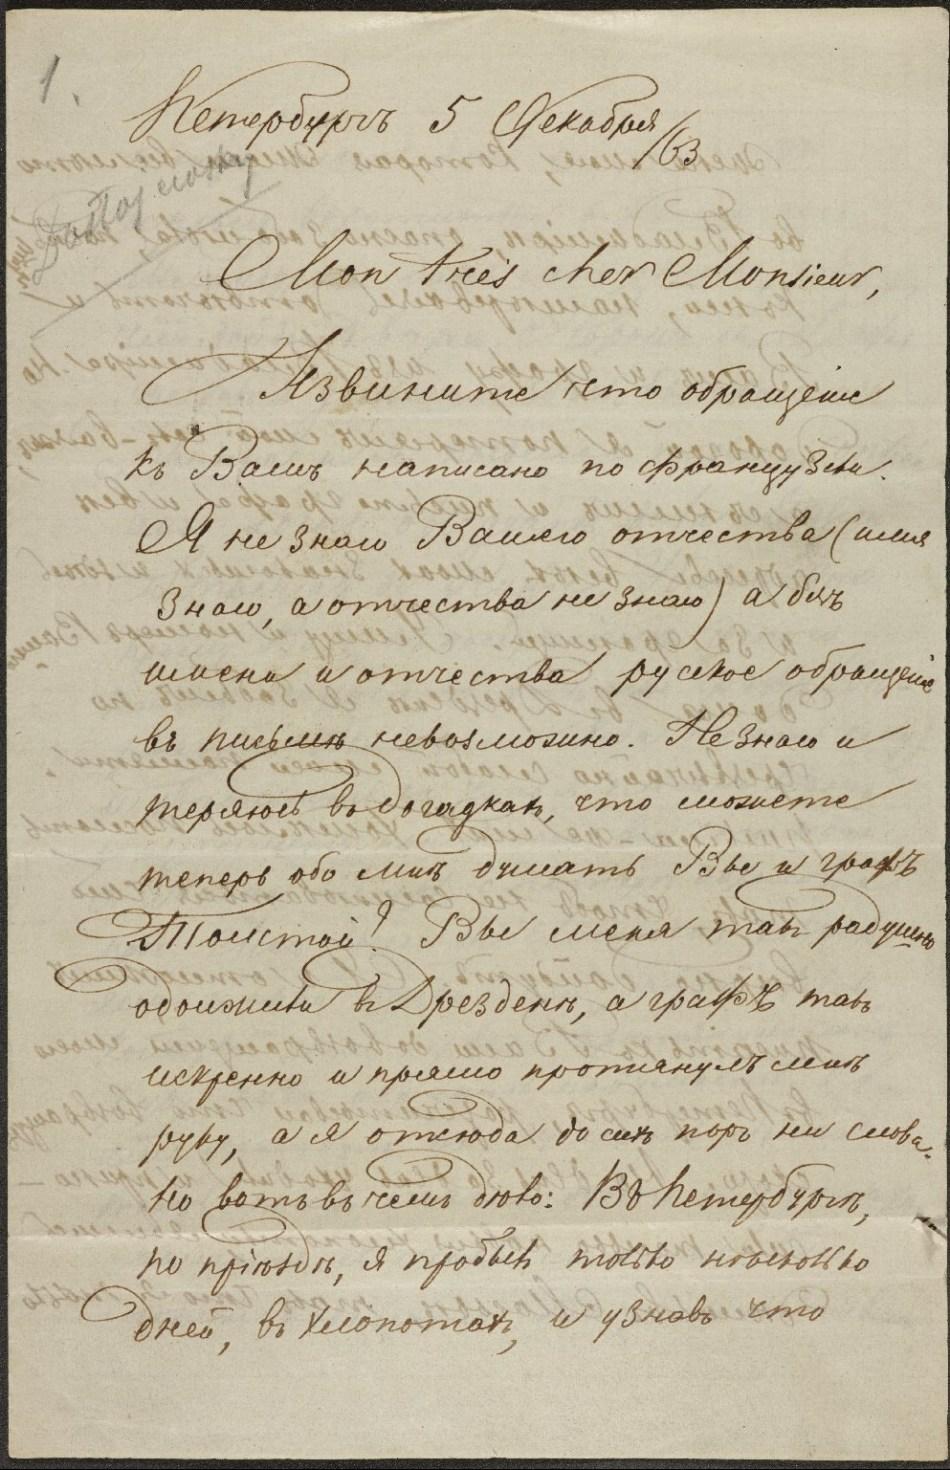 dostoevsky page 1